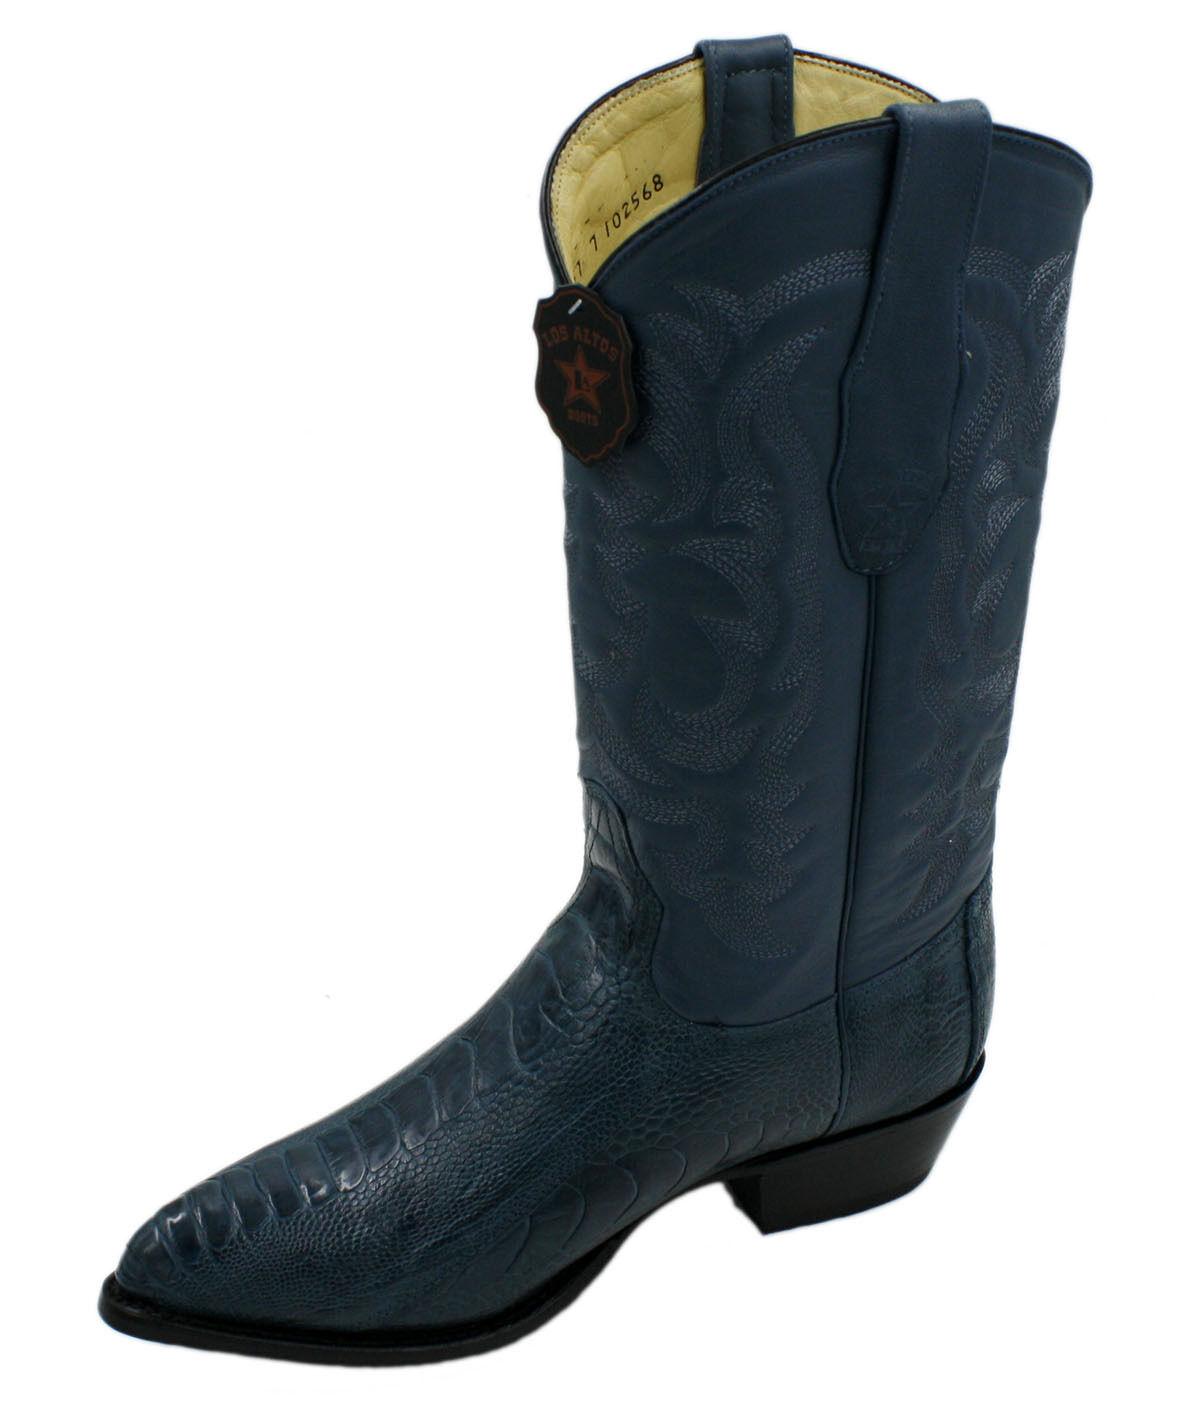 Hombre cuero genuino botas de vaquero occidental ostrichleg J Toe estilo LA 2950507